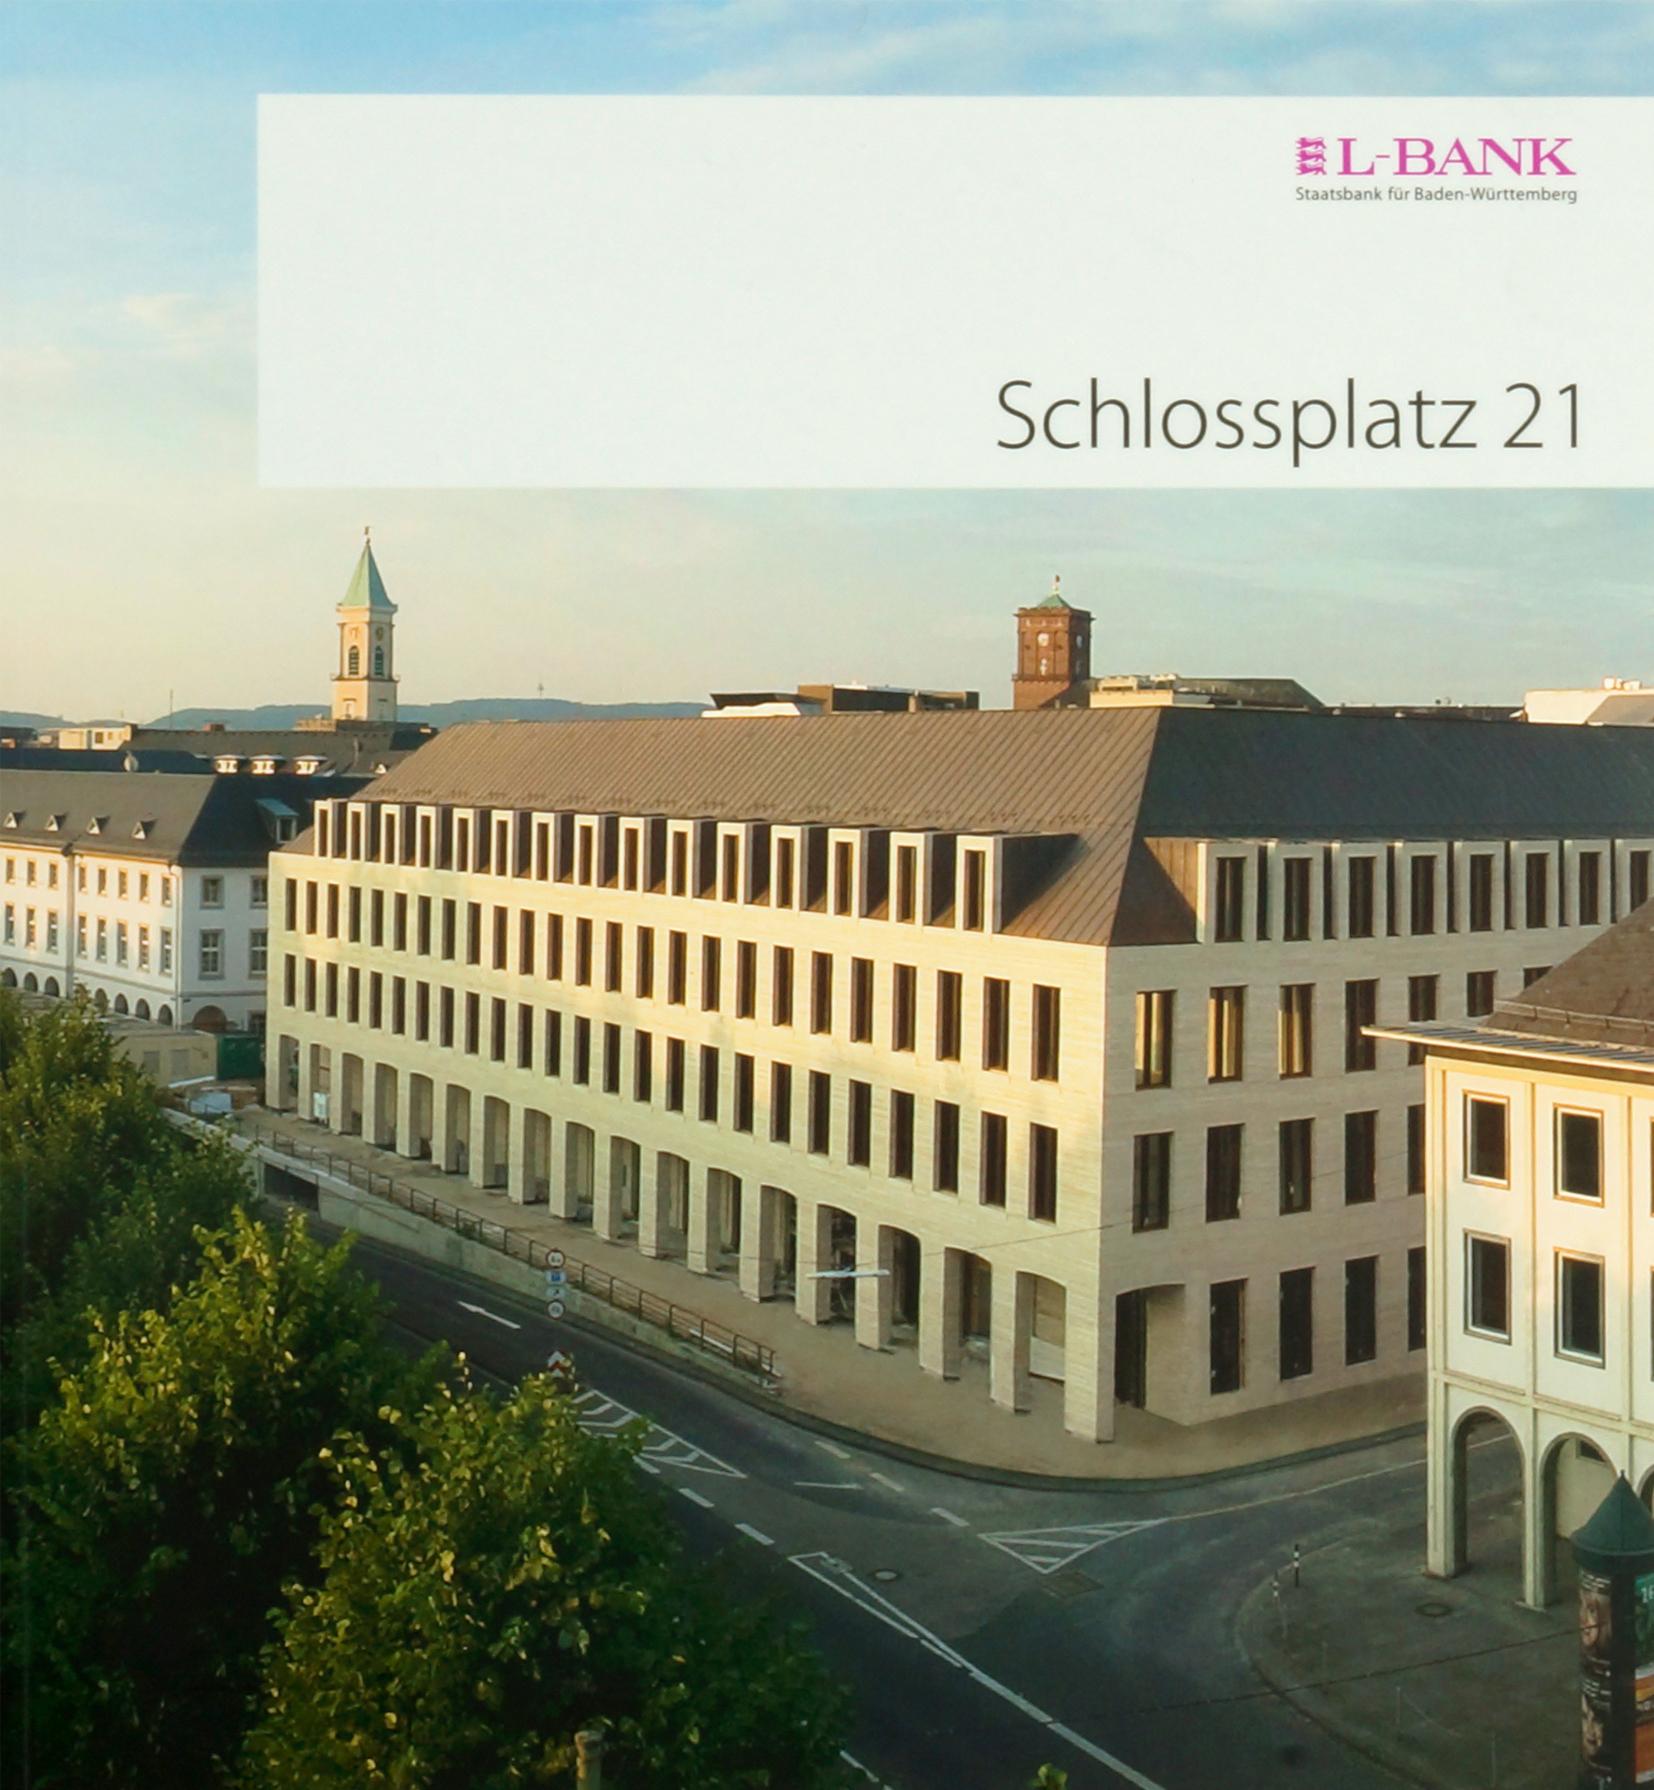 Schlossplatz 21